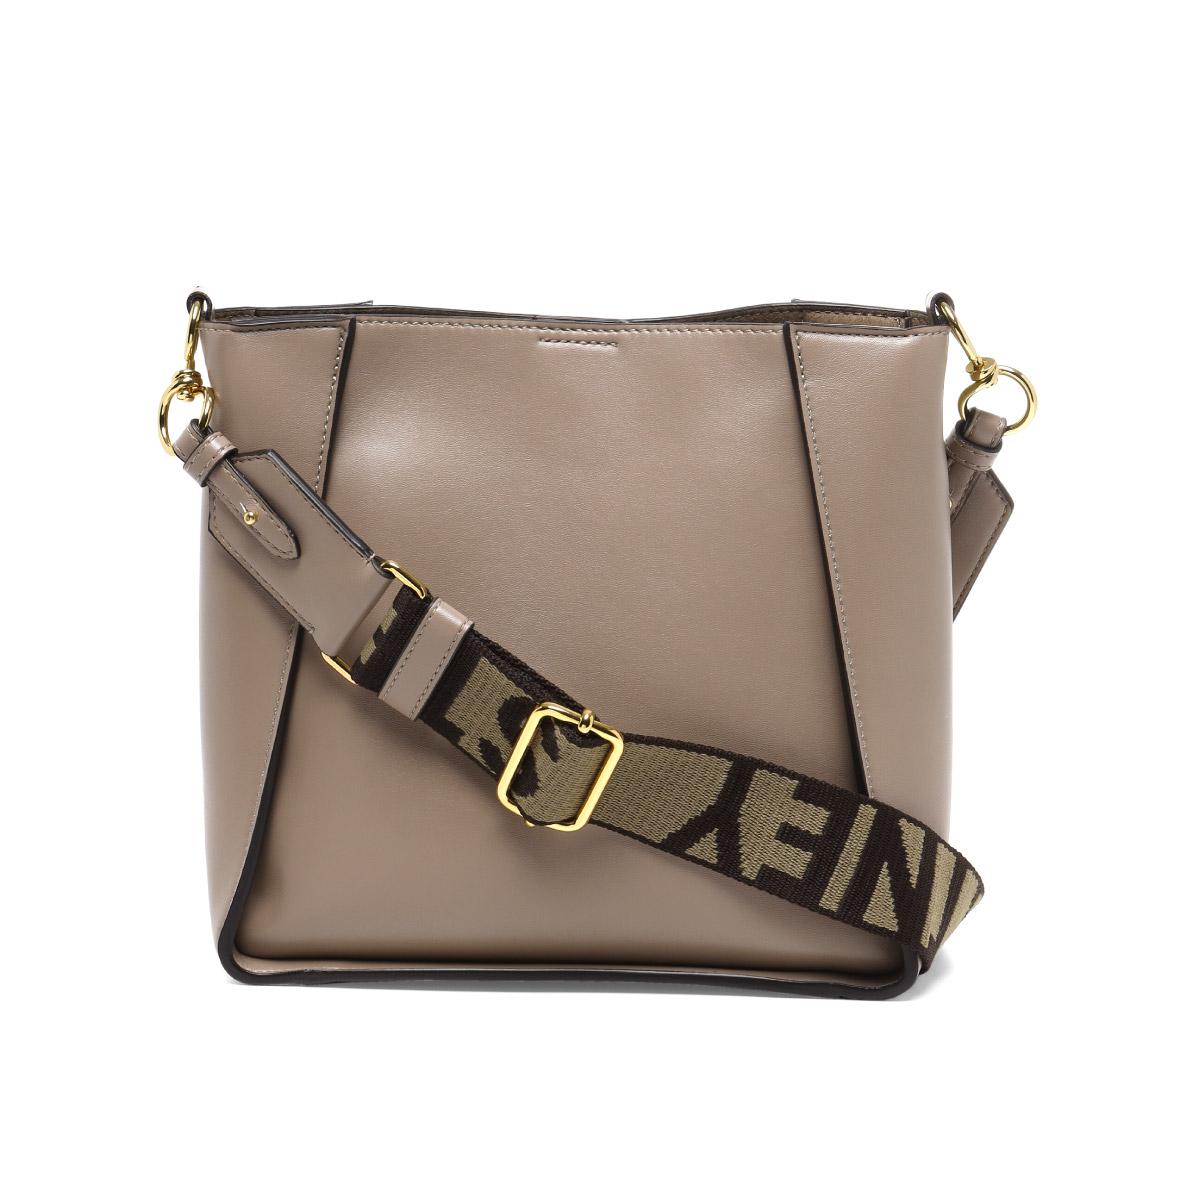 STELLA McCARTNEY ステラ マッカートニー | ショルダーバッグ ミニ